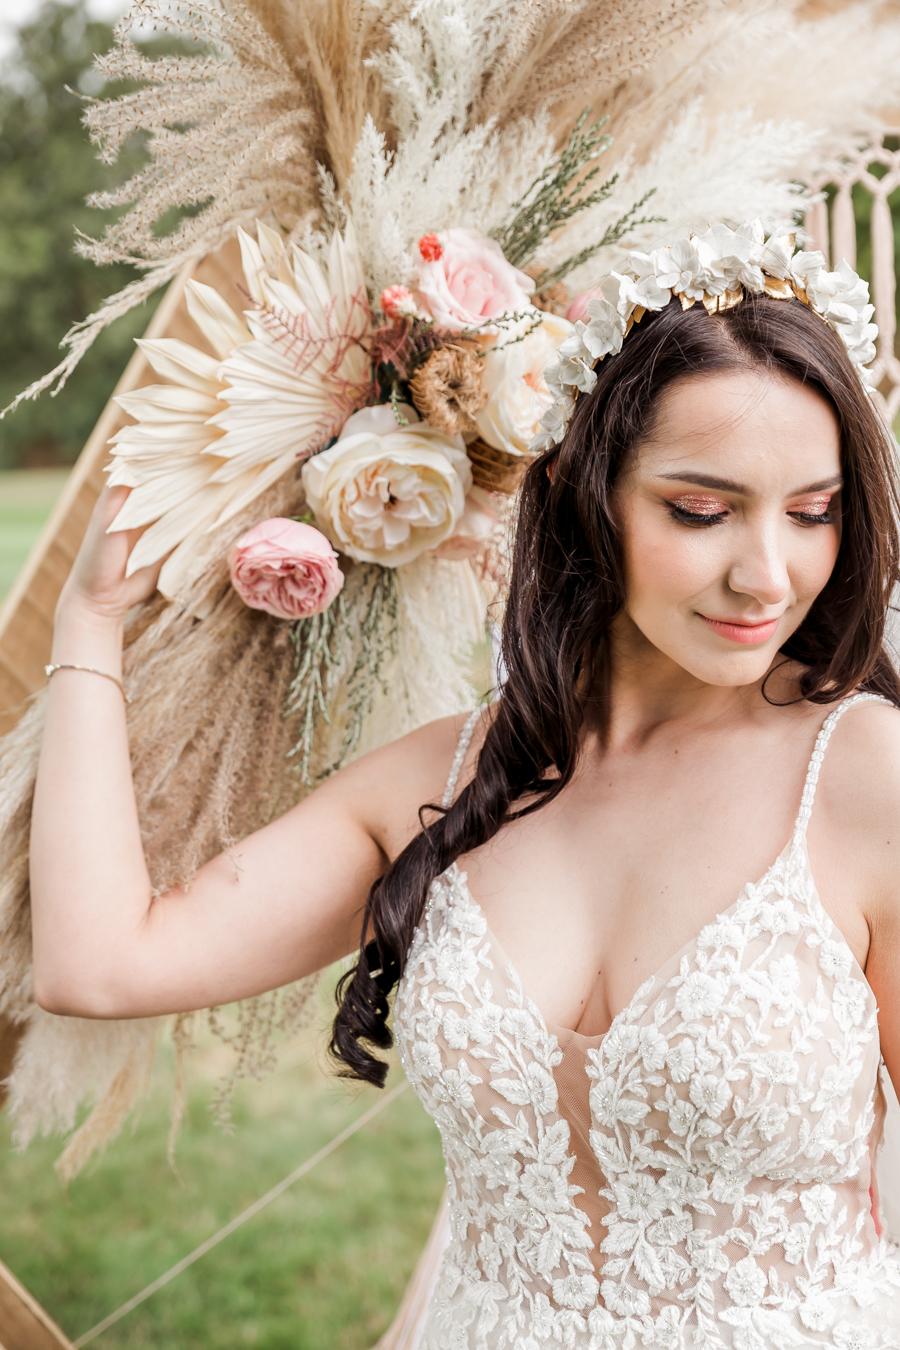 Hertfordshire Boho Themed Styled Wedding Shoot, photographer credit Absolute Photo UK (31)